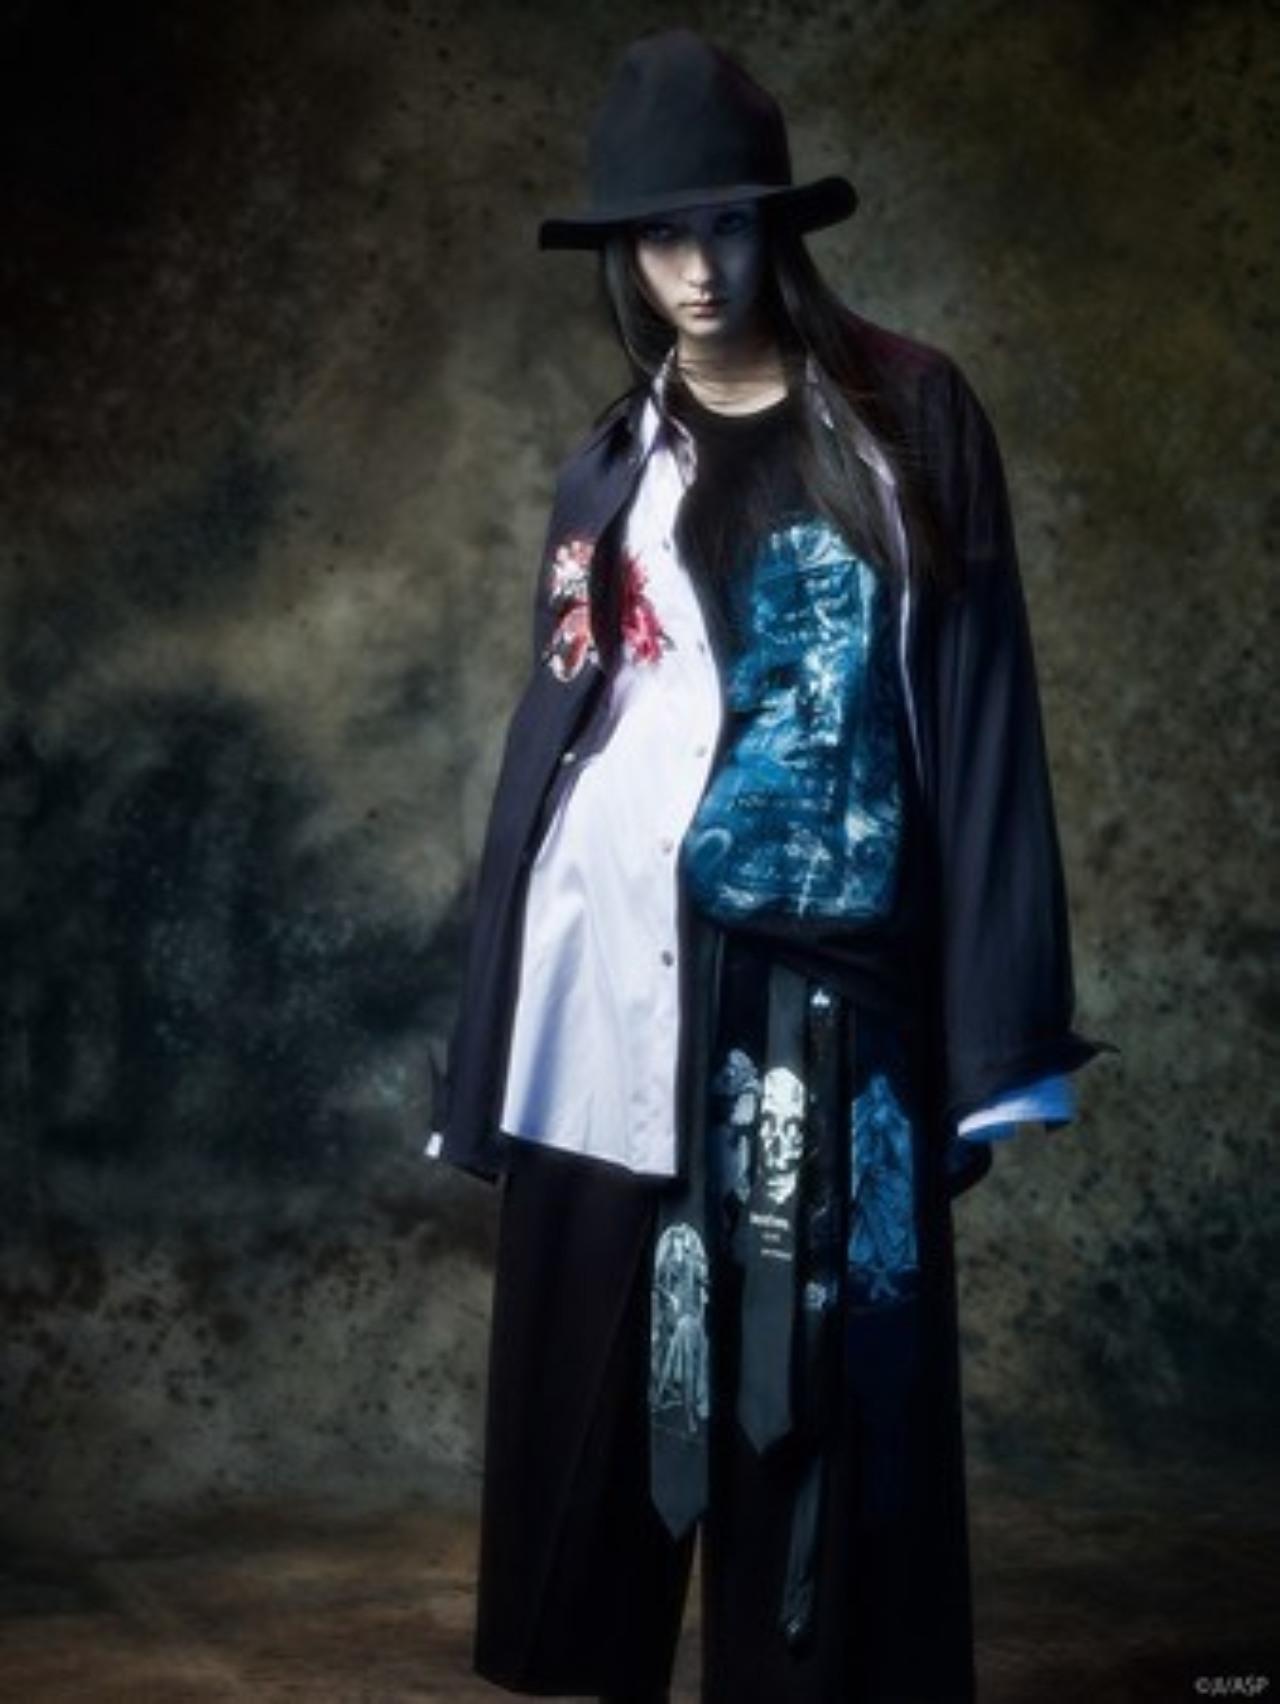 Linea ropa Junji Ito Syte horror